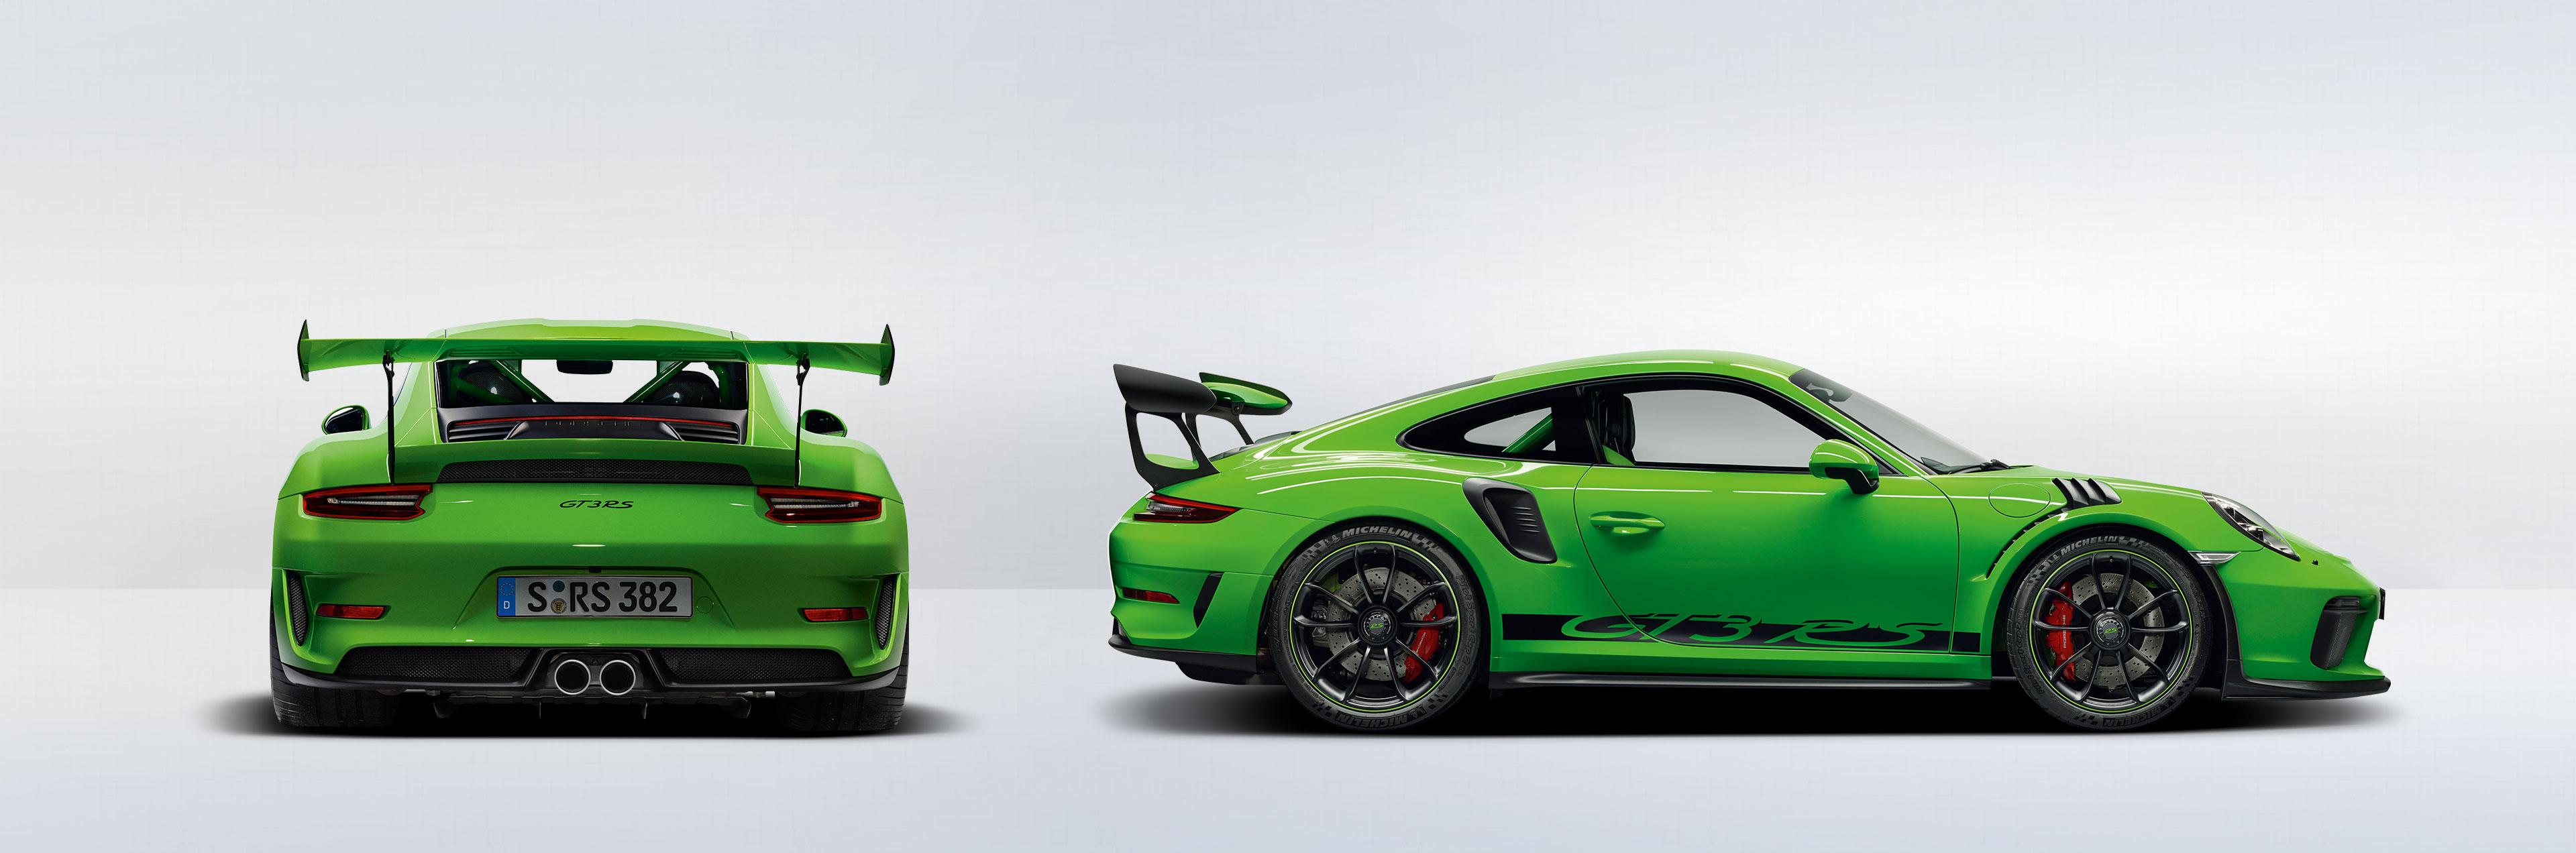 Porsche 911 Gt3 Rs Technical Specs Porsche Ag